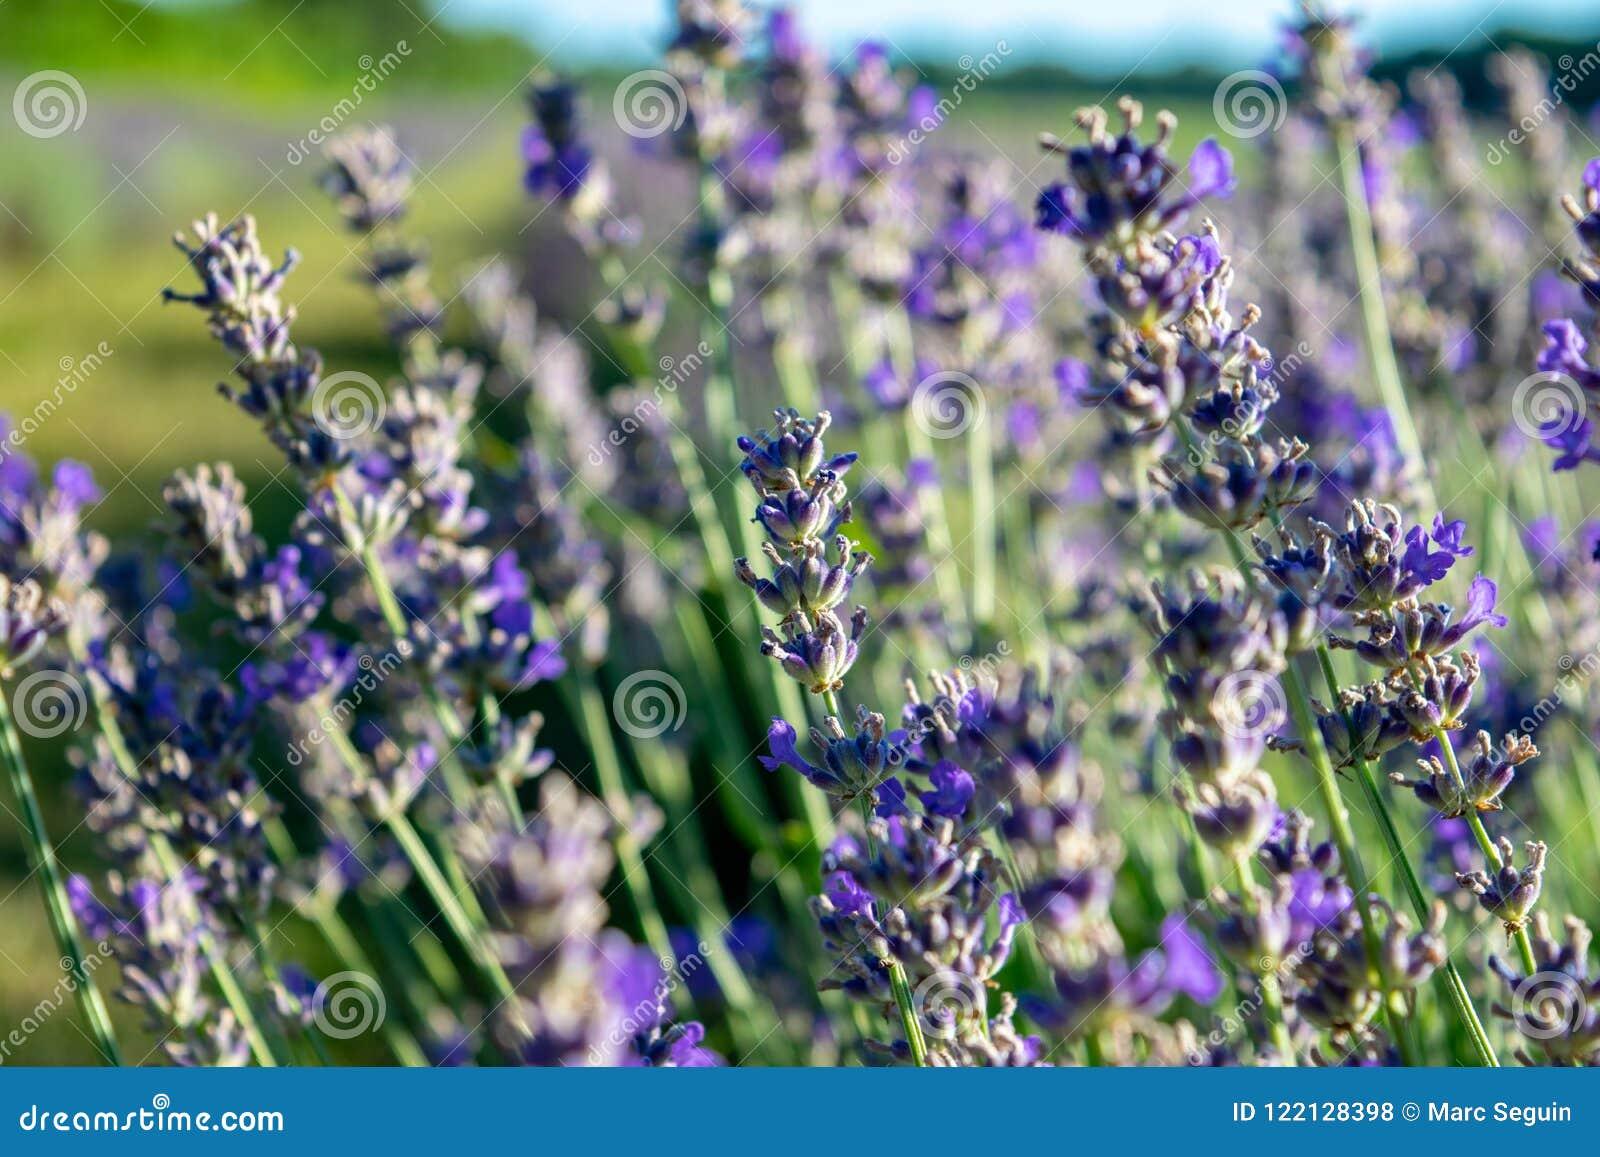 A close shot of a lavender plant